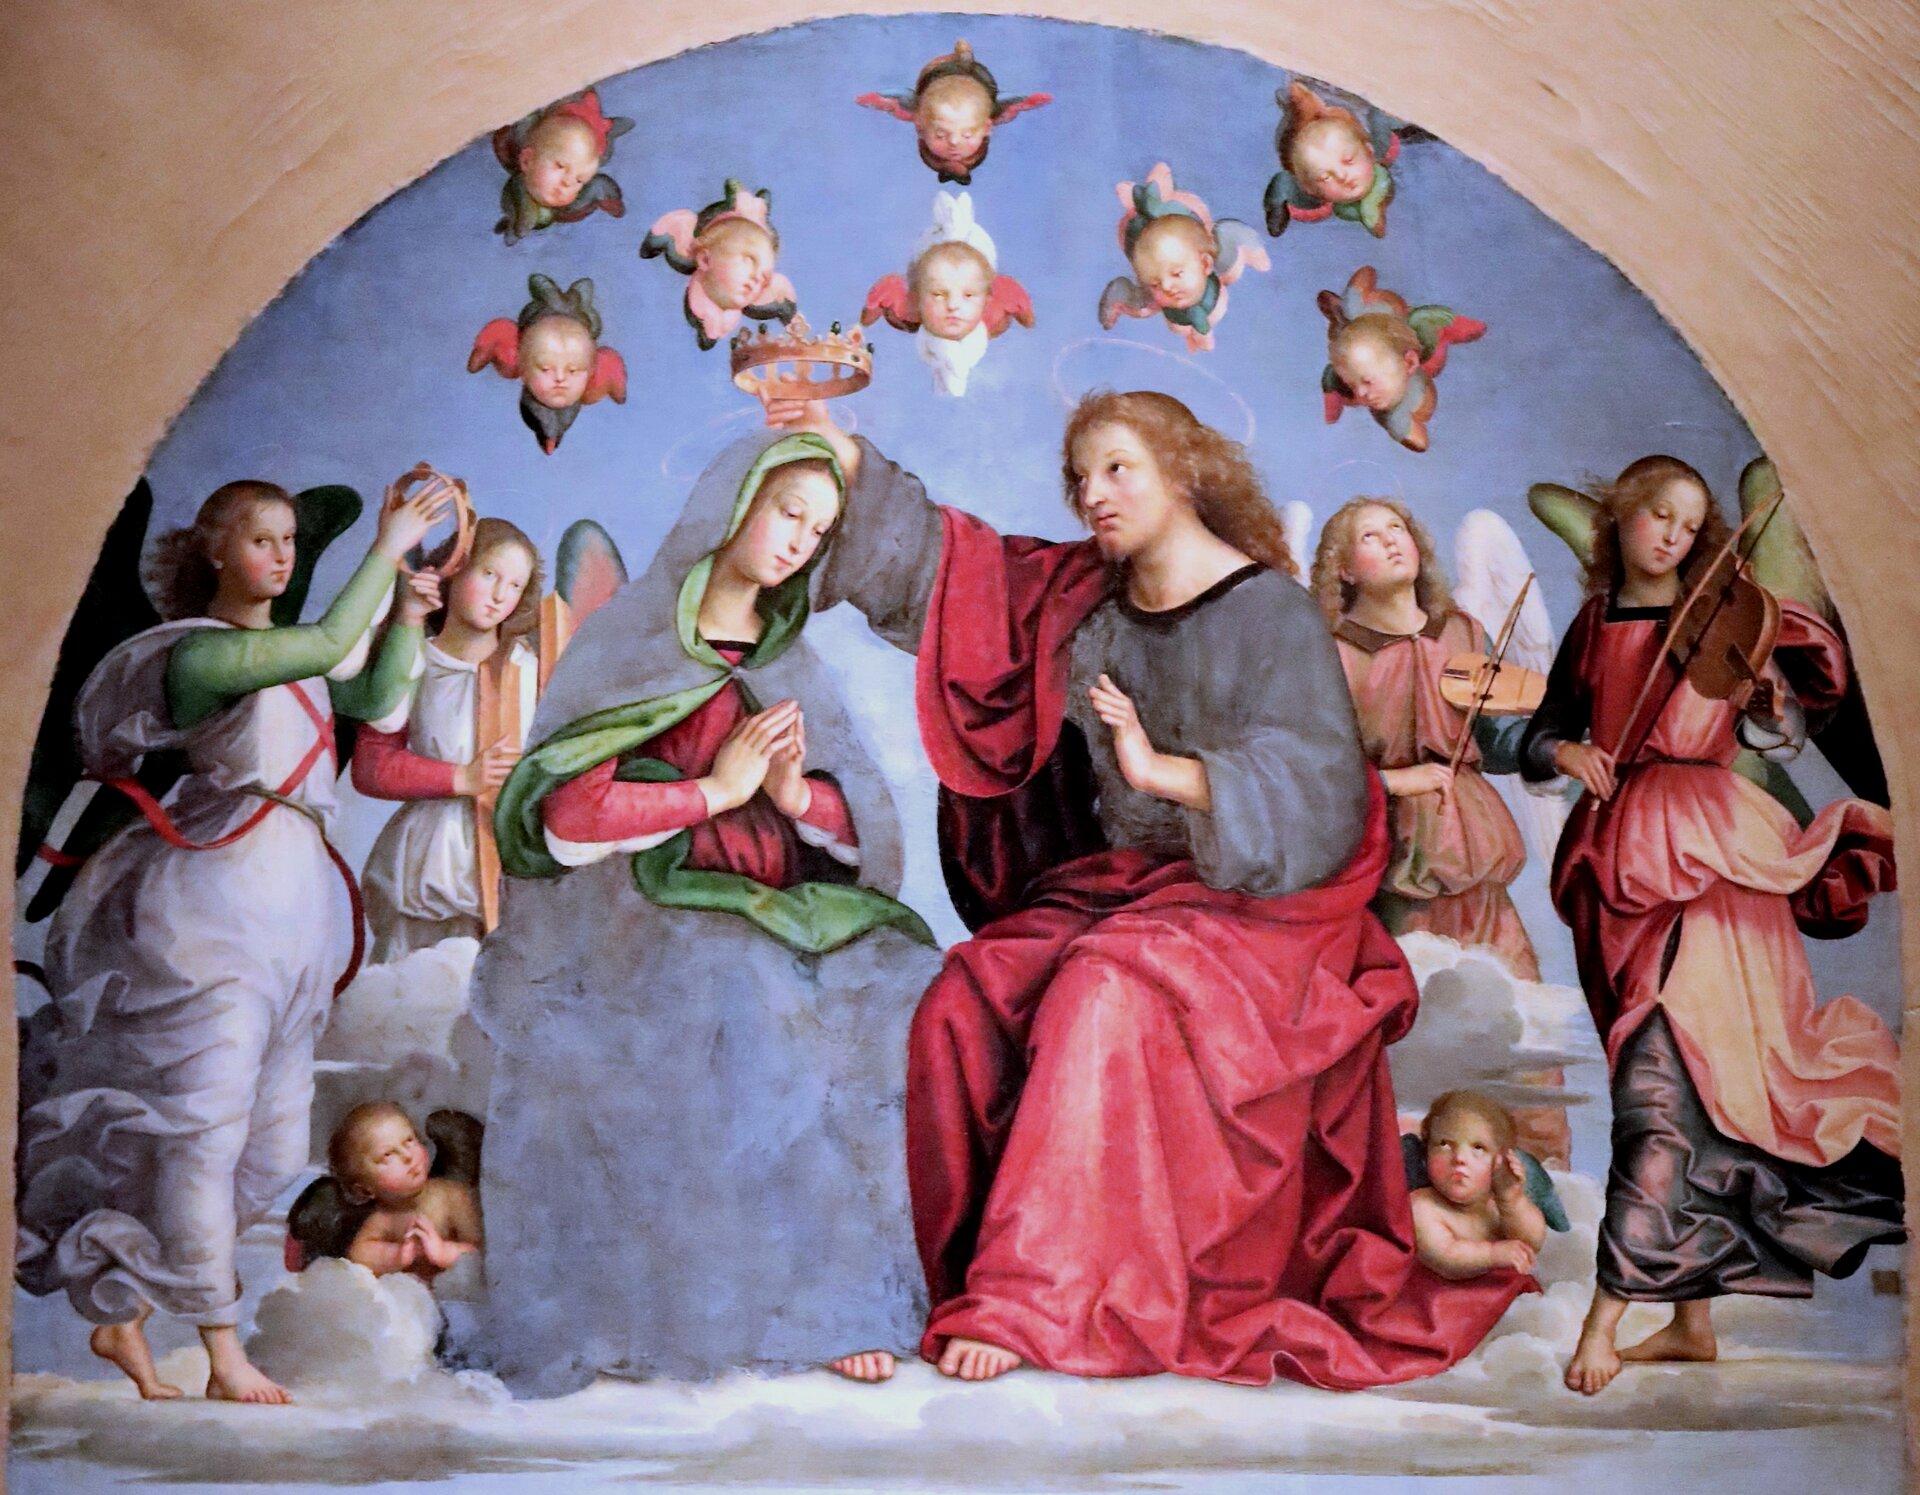 """Ilustracja interaktywna przedstawia temperę """"Koronacja Matki Bożej"""" autorstwa Rafaela Santi. Zamknięta włuku kompozycja ukazuje siedzące postacie Chrystusa iMatki Bożej wśród aniołów. Młody mężczyzna ojasnych, długich włosach, ubrany wszarą szatę, okrytą czerwonym płaszczem wwyciągniętej nad głową Marii dłoni trzyma koronę. Kobieta, odelikatnych rysach twarzy izłożonych do modlitwy dłoniach, schyla głowę wkierunku Jezusa. Matka Boża ubrana jest wczerwoną suknię, którą szczelnie okrywa wraz zwłosami szary, podbity zielenią płaszcz. Na około pary artysta umieścił grających na instrumentach aniołów. Skrzydlate postacie ubrane są wpowłóczyste, przypasane wtalii, różnobarwne stroje. Przy nogach Marii iJezusa siedzą małe, skrzydlate putta. Zjasno-niebieskiego nieba wychylają się głowy małych aniołków. Namalowane postacie unoszą się na jasnych obłoczkach."""